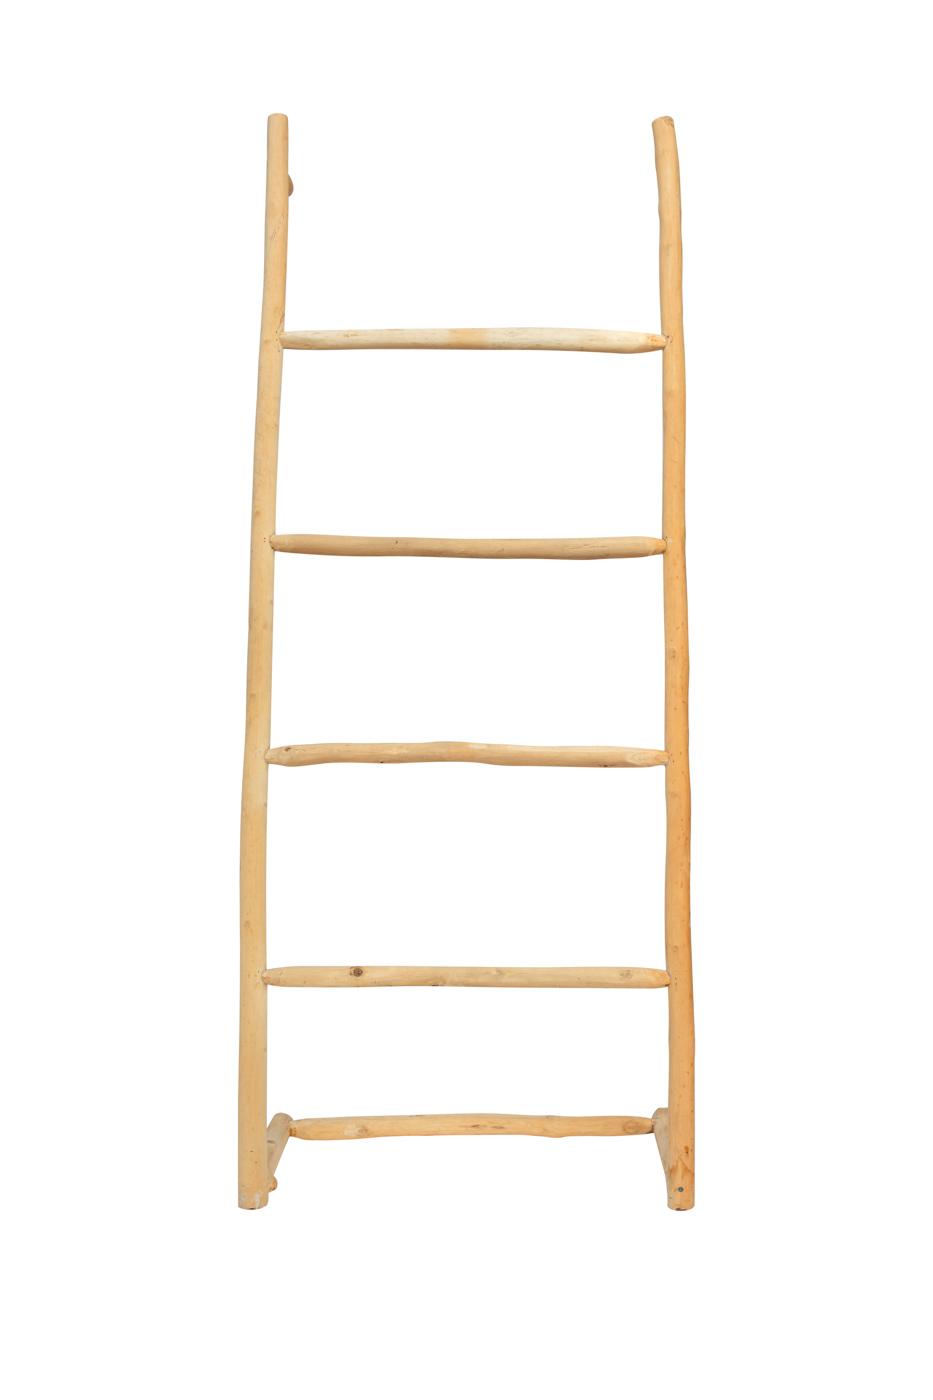 Escalera en bamboo